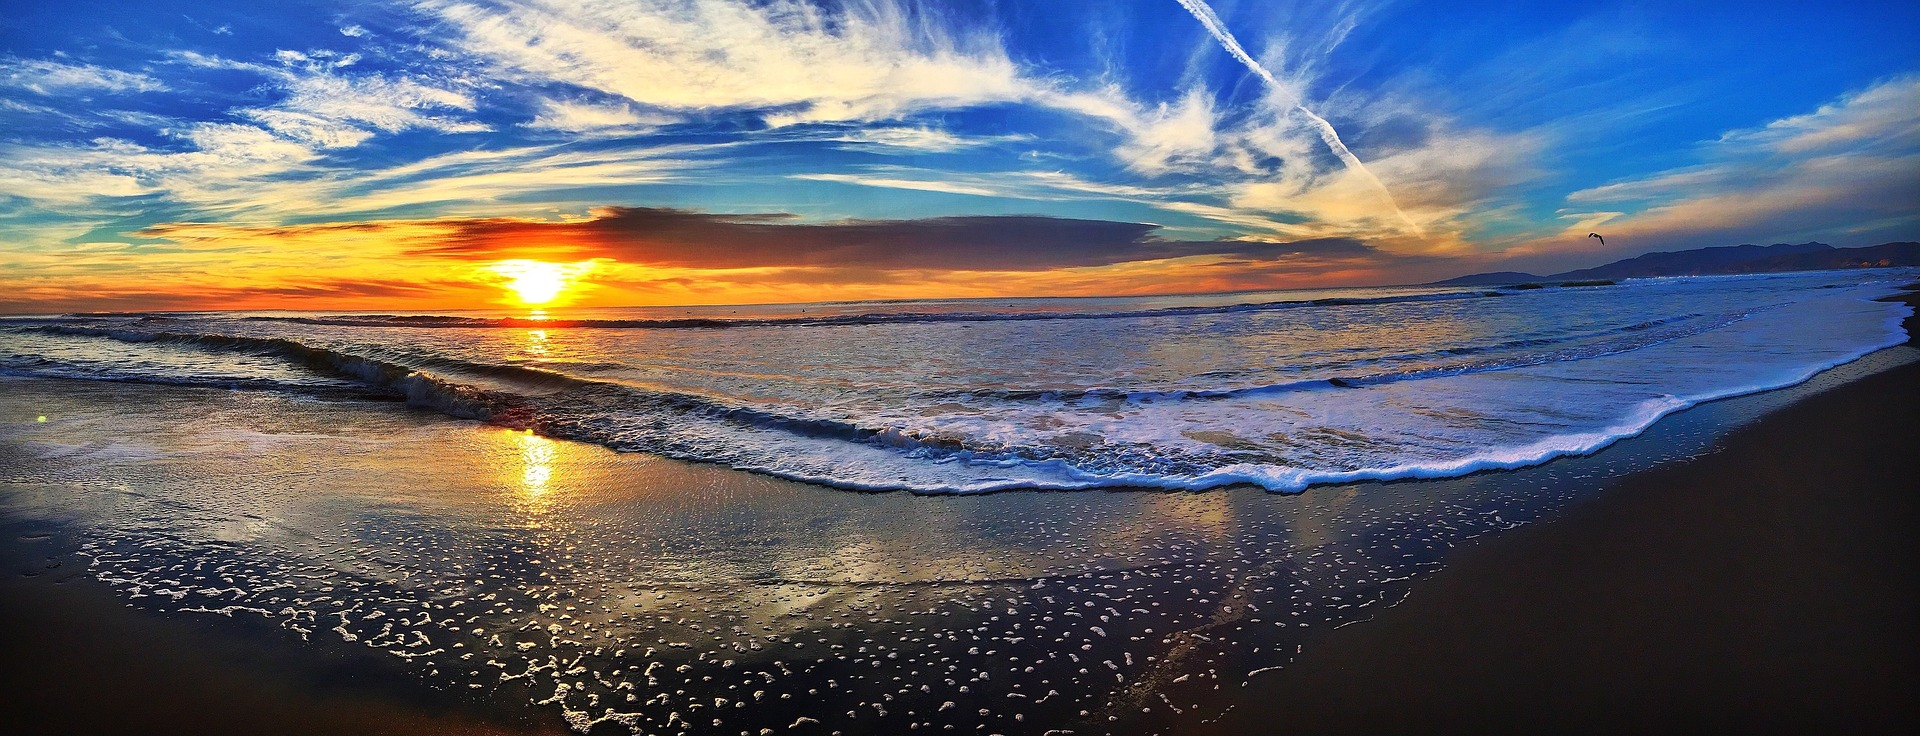 beach-1846040_1920